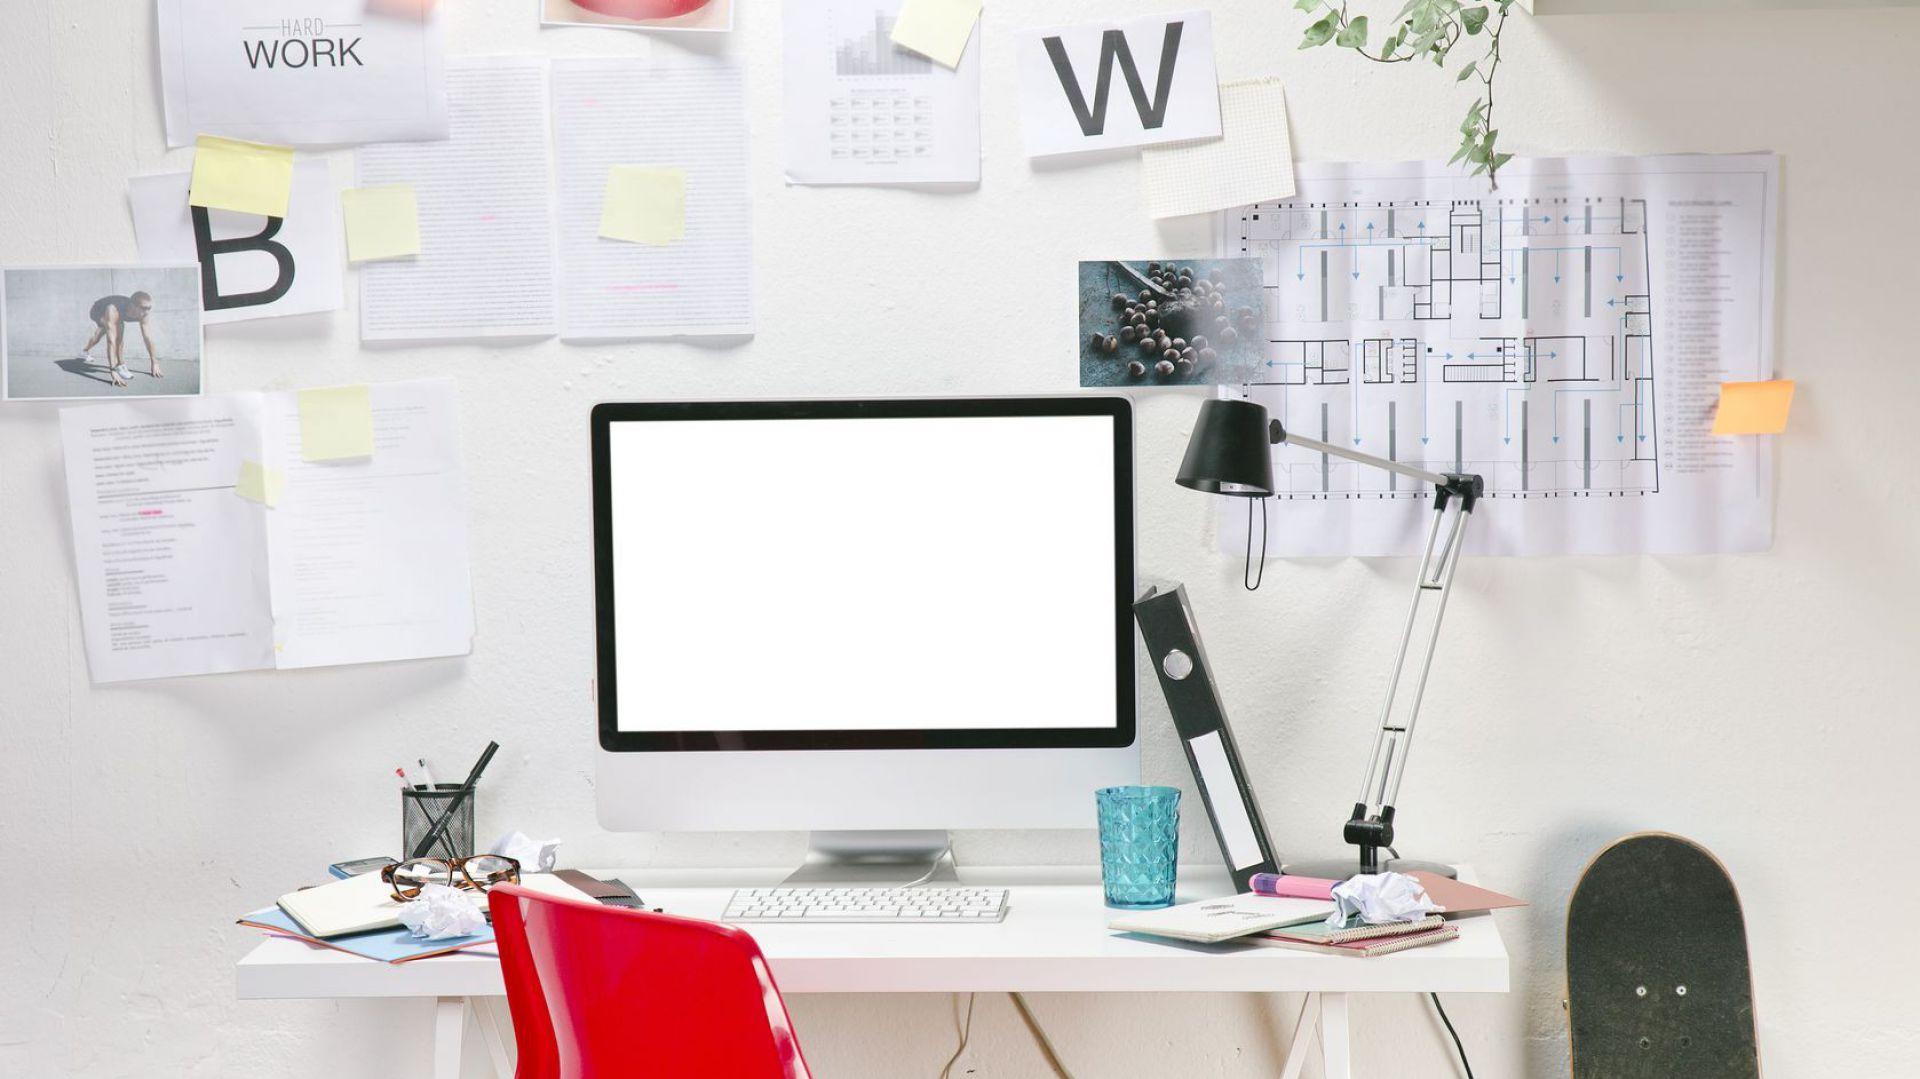 Oświetlenie Biurka Warunkiem Komfortowej Pracy